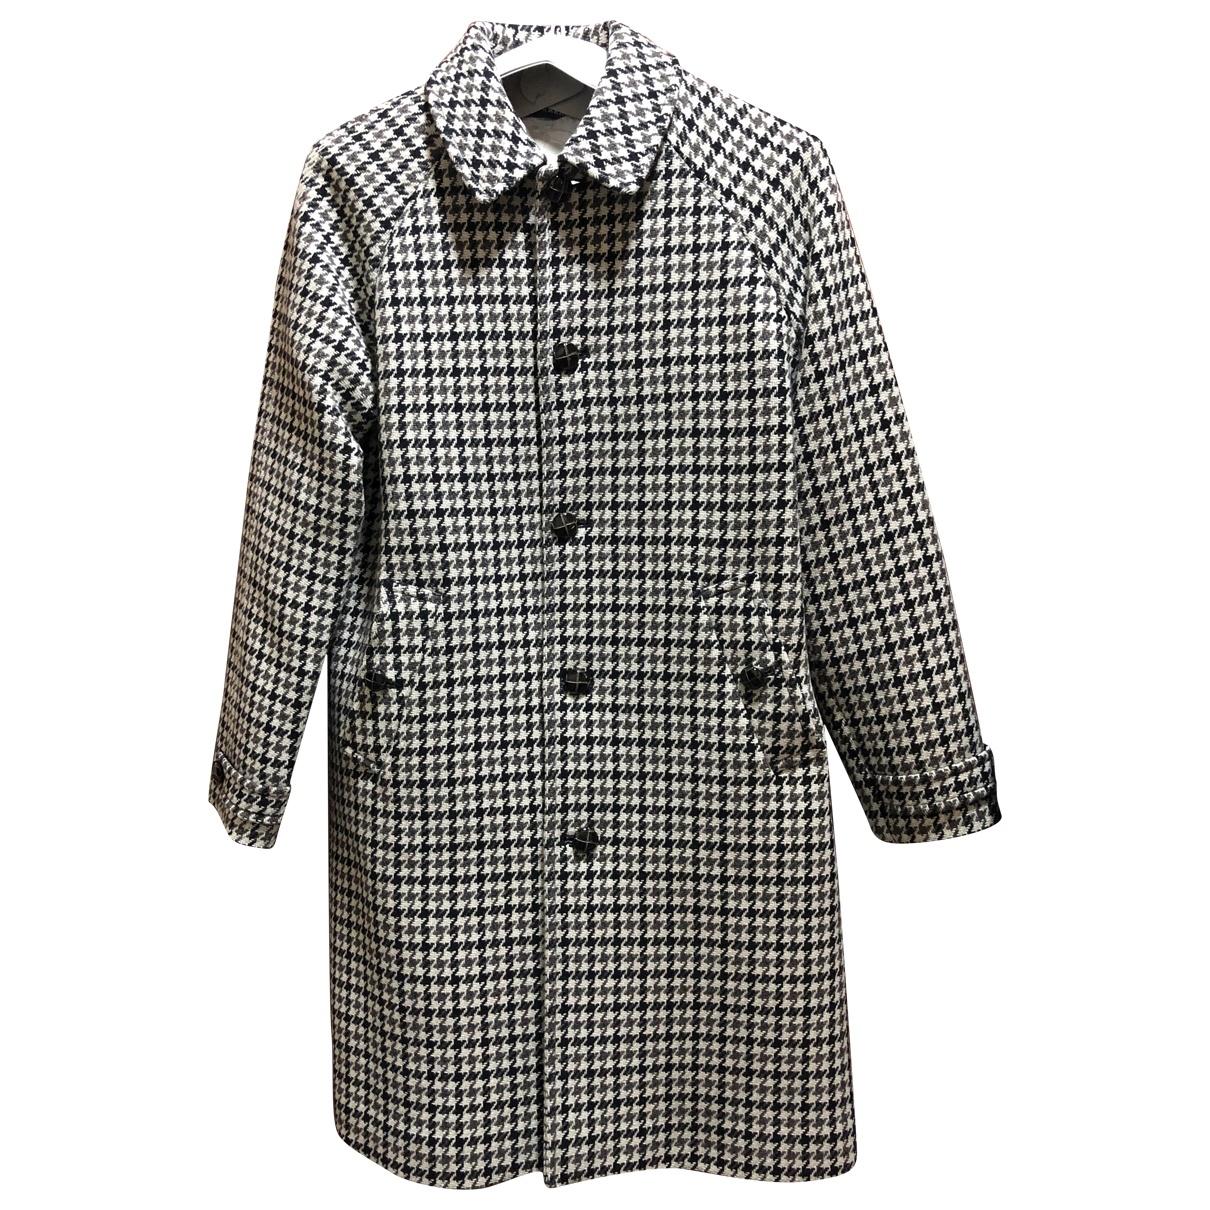 Burberry - Blousons.Manteaux   pour enfant en laine